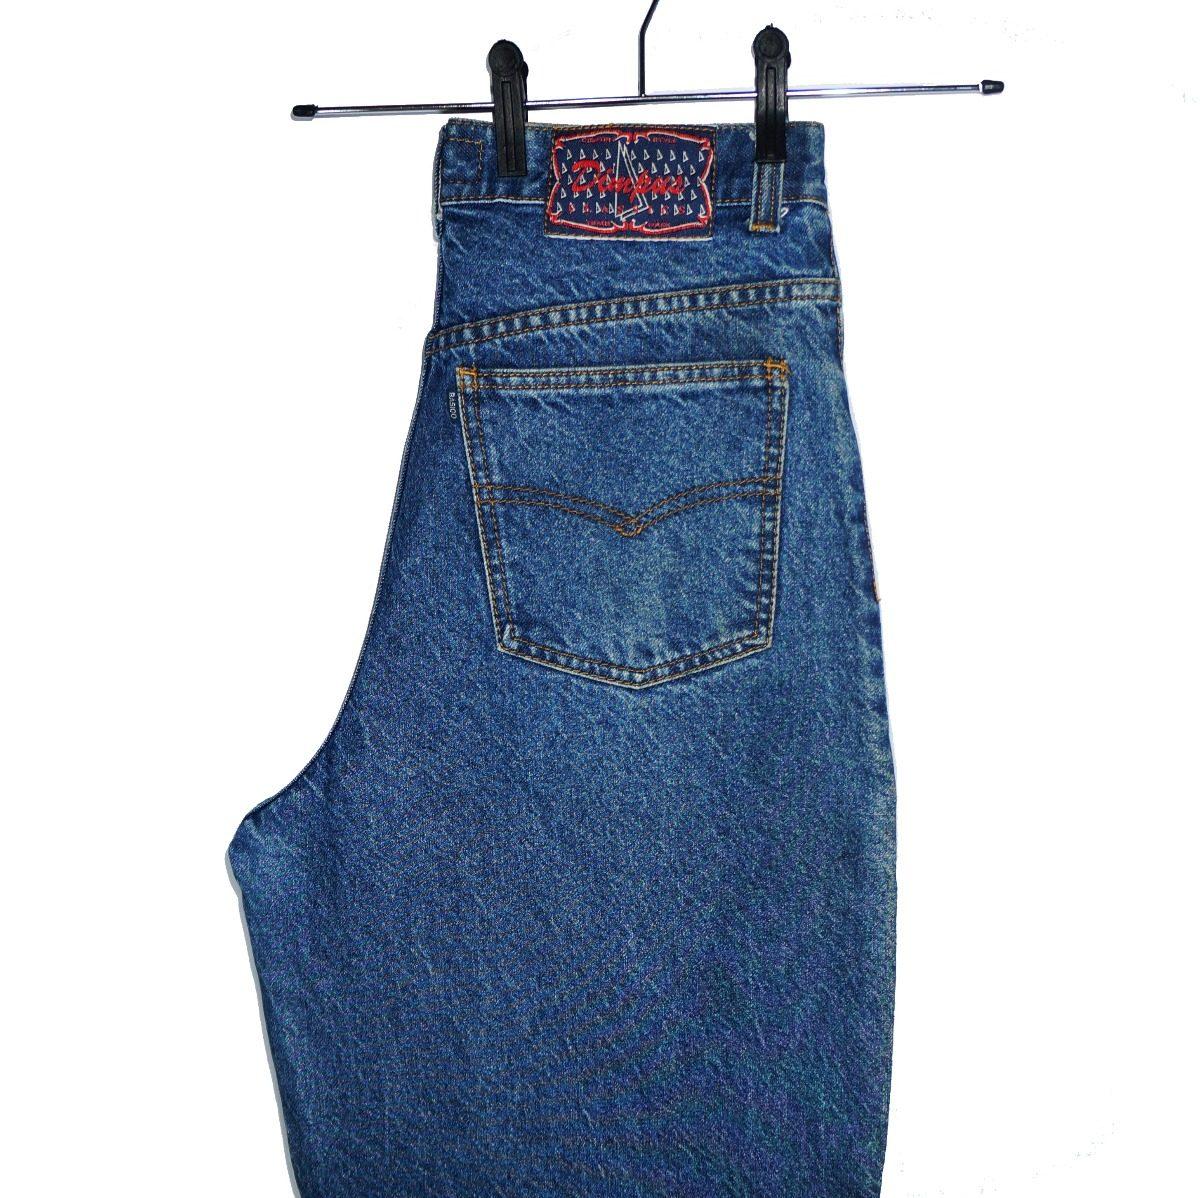 758bb2b41a Mom Jeans Original Anos 90 Calça Jeans Vintage Cintura Alta - R  199 ...